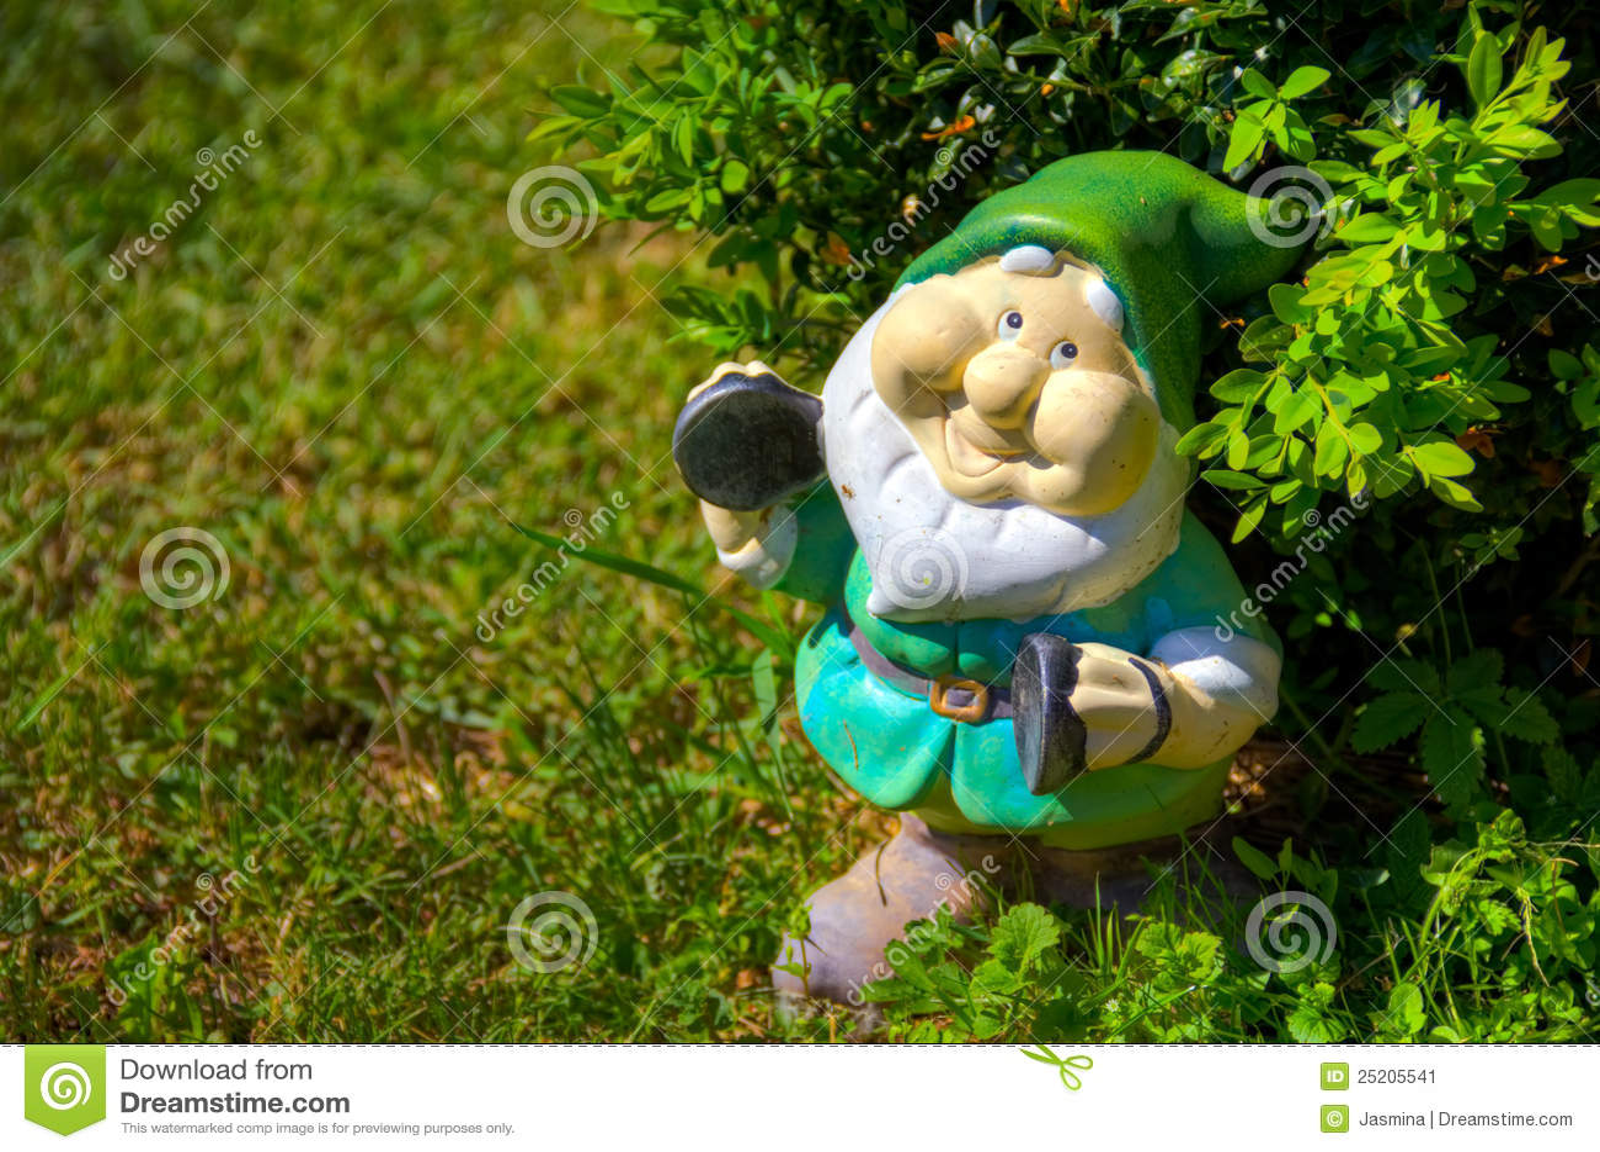 kobold o anao de jardim:Anão Do Jardim Imagem de Stock – Imagem: 25205541